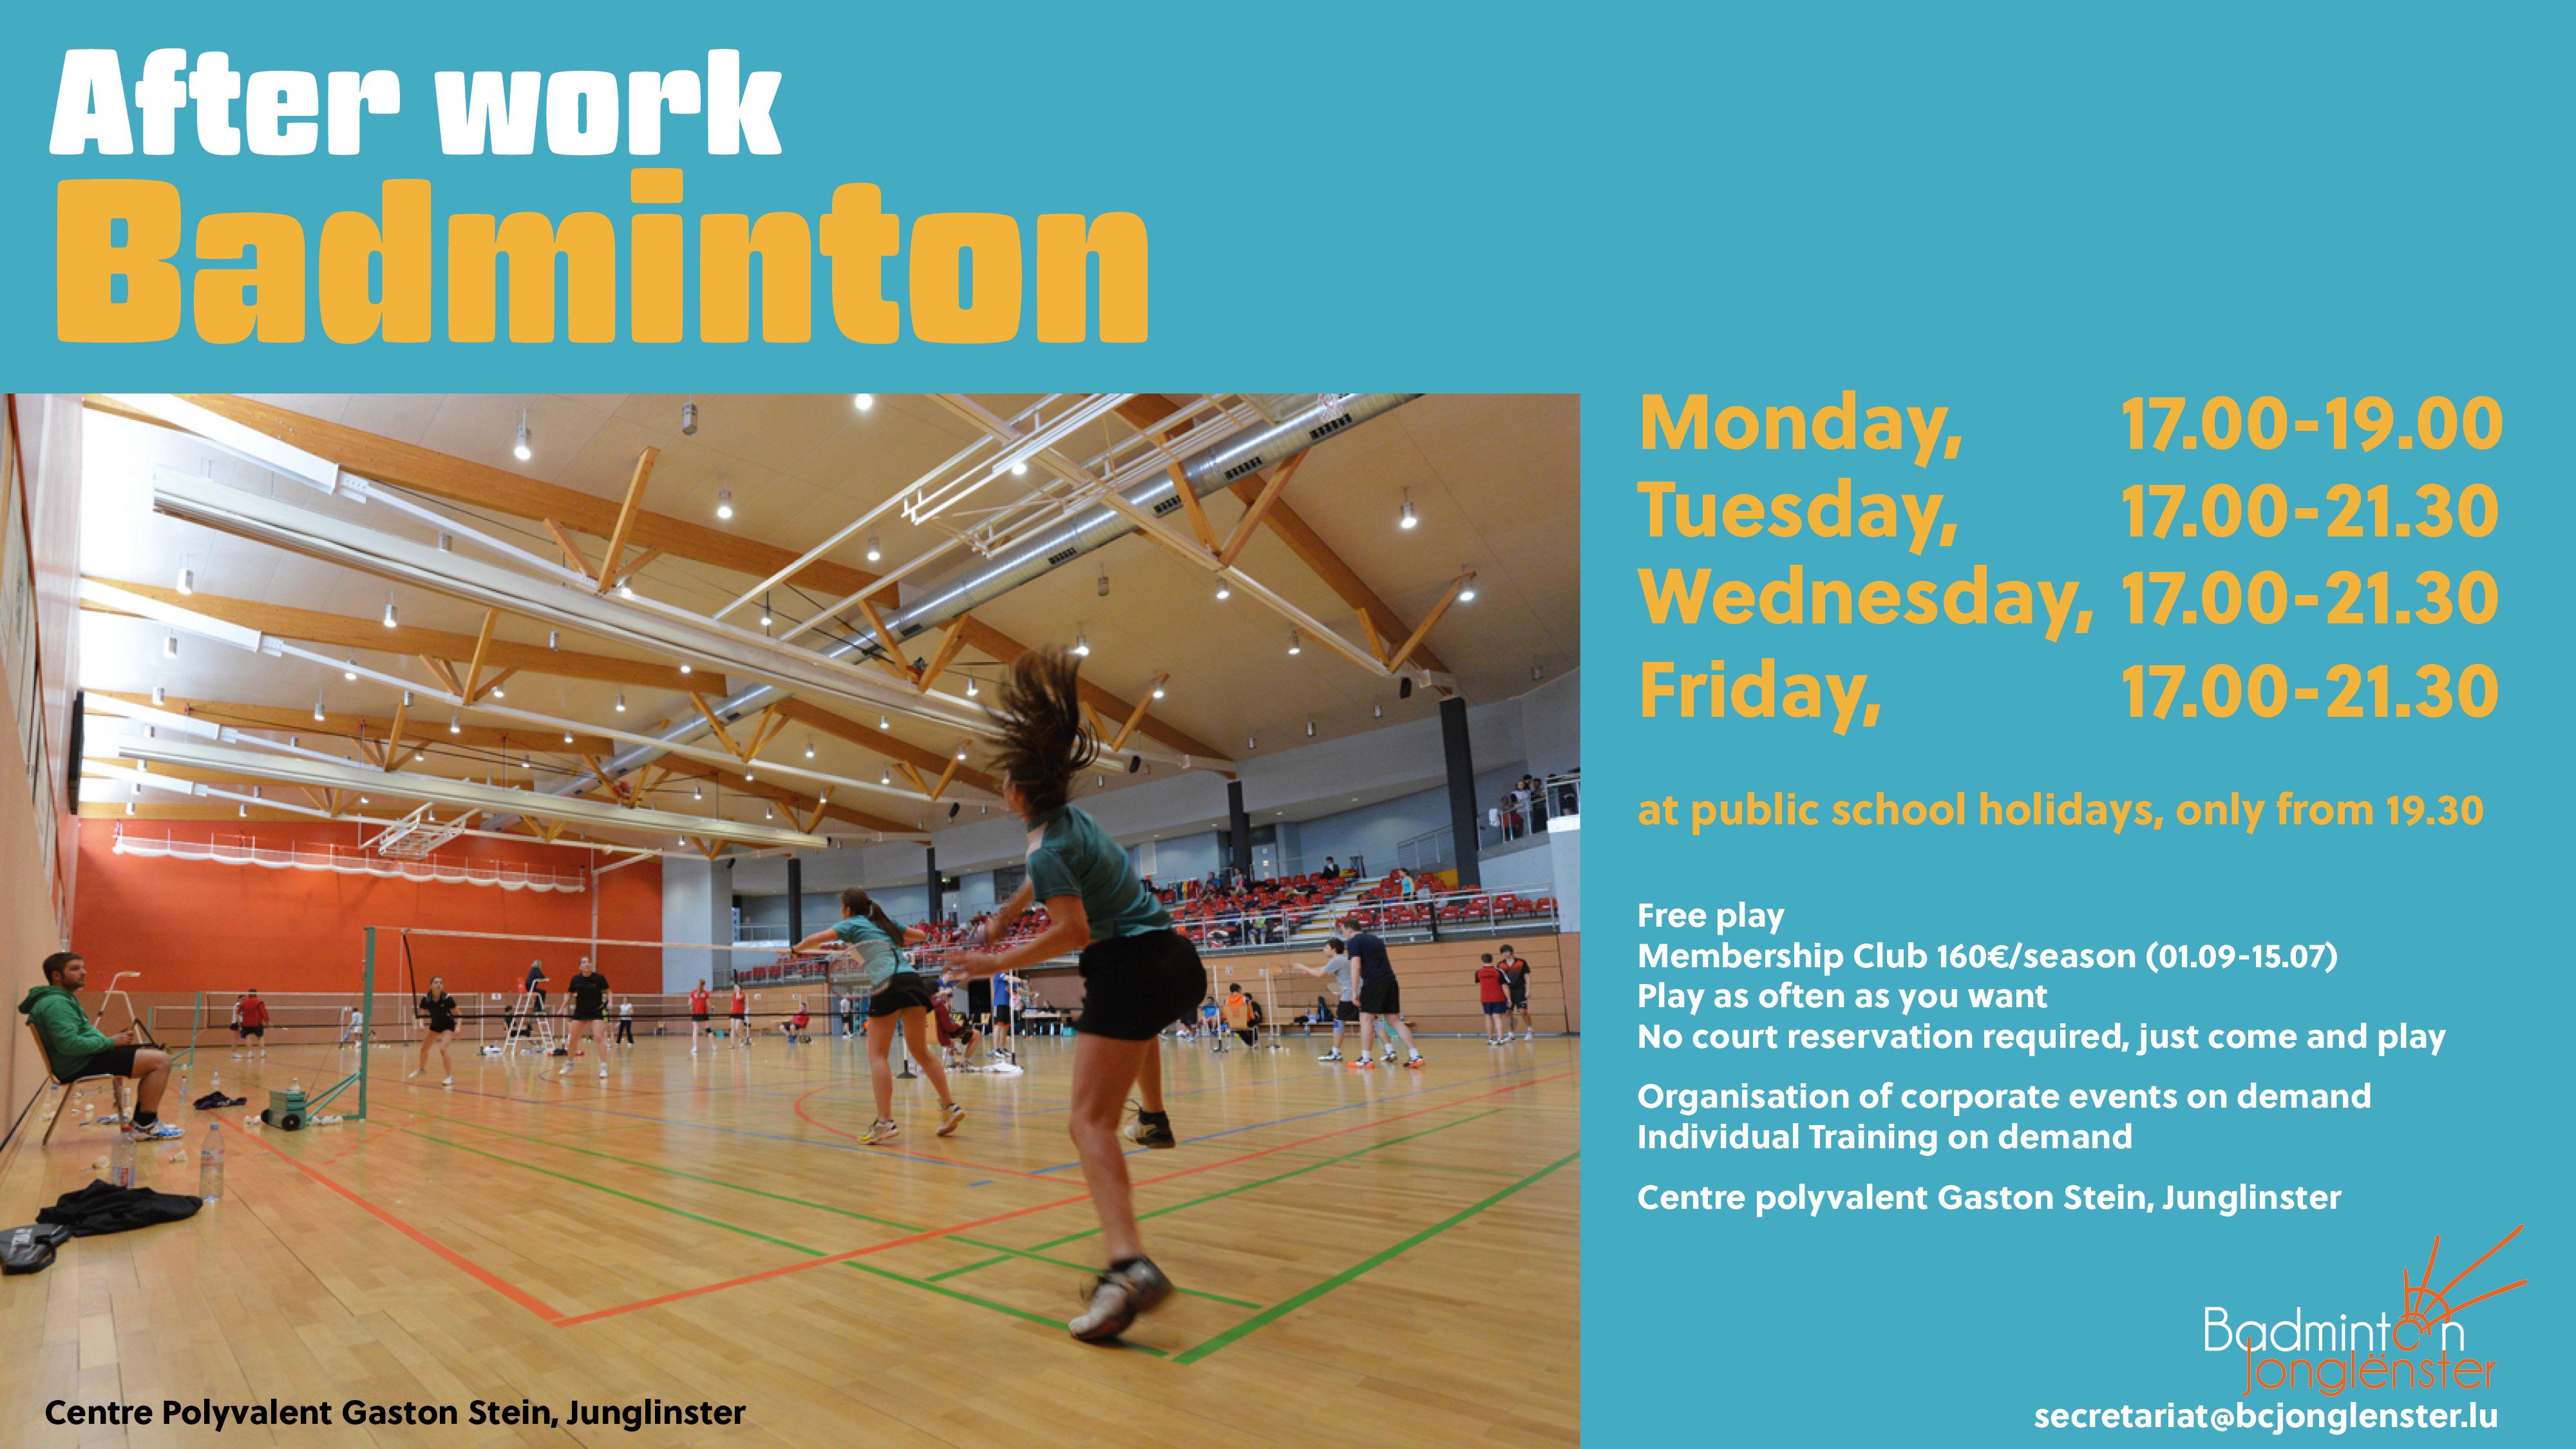 Afterwork Badminton